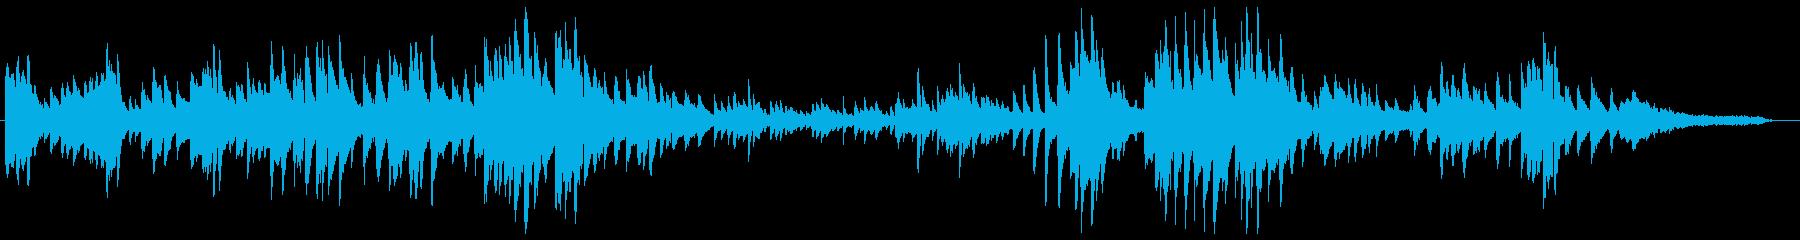 大人な雰囲気あるピアノソロ曲の再生済みの波形